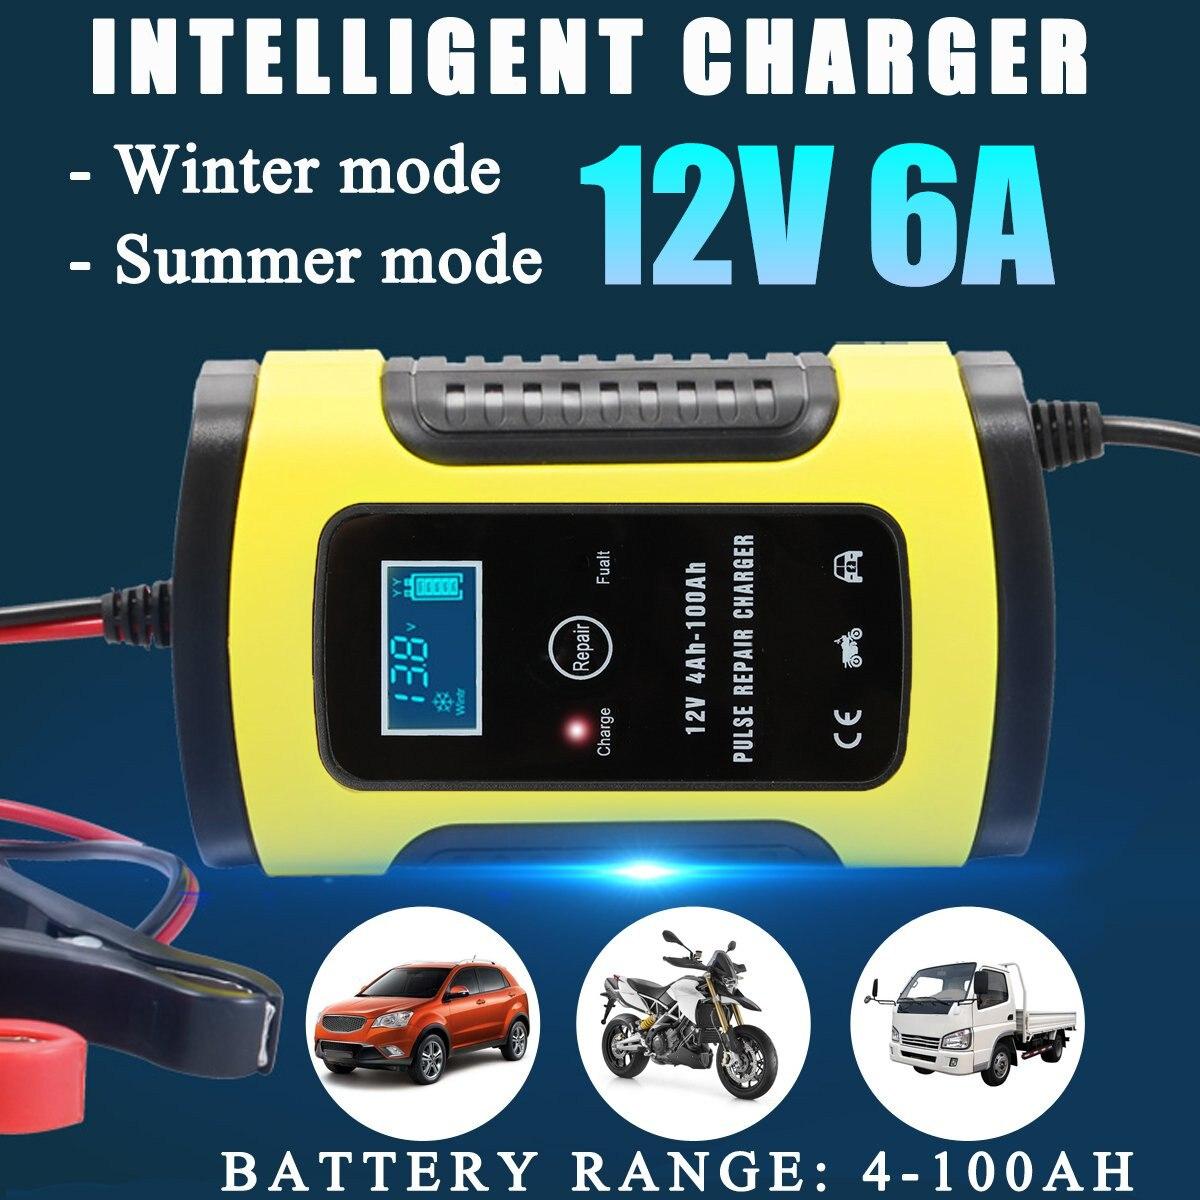 12V 6A ремонт ЖК-дисплей Батарея Зарядное устройство смарт Быстрая зарядка для автомобиля мотоцикла ремонт Тип свинцово-кислотный Батарея Agm ...